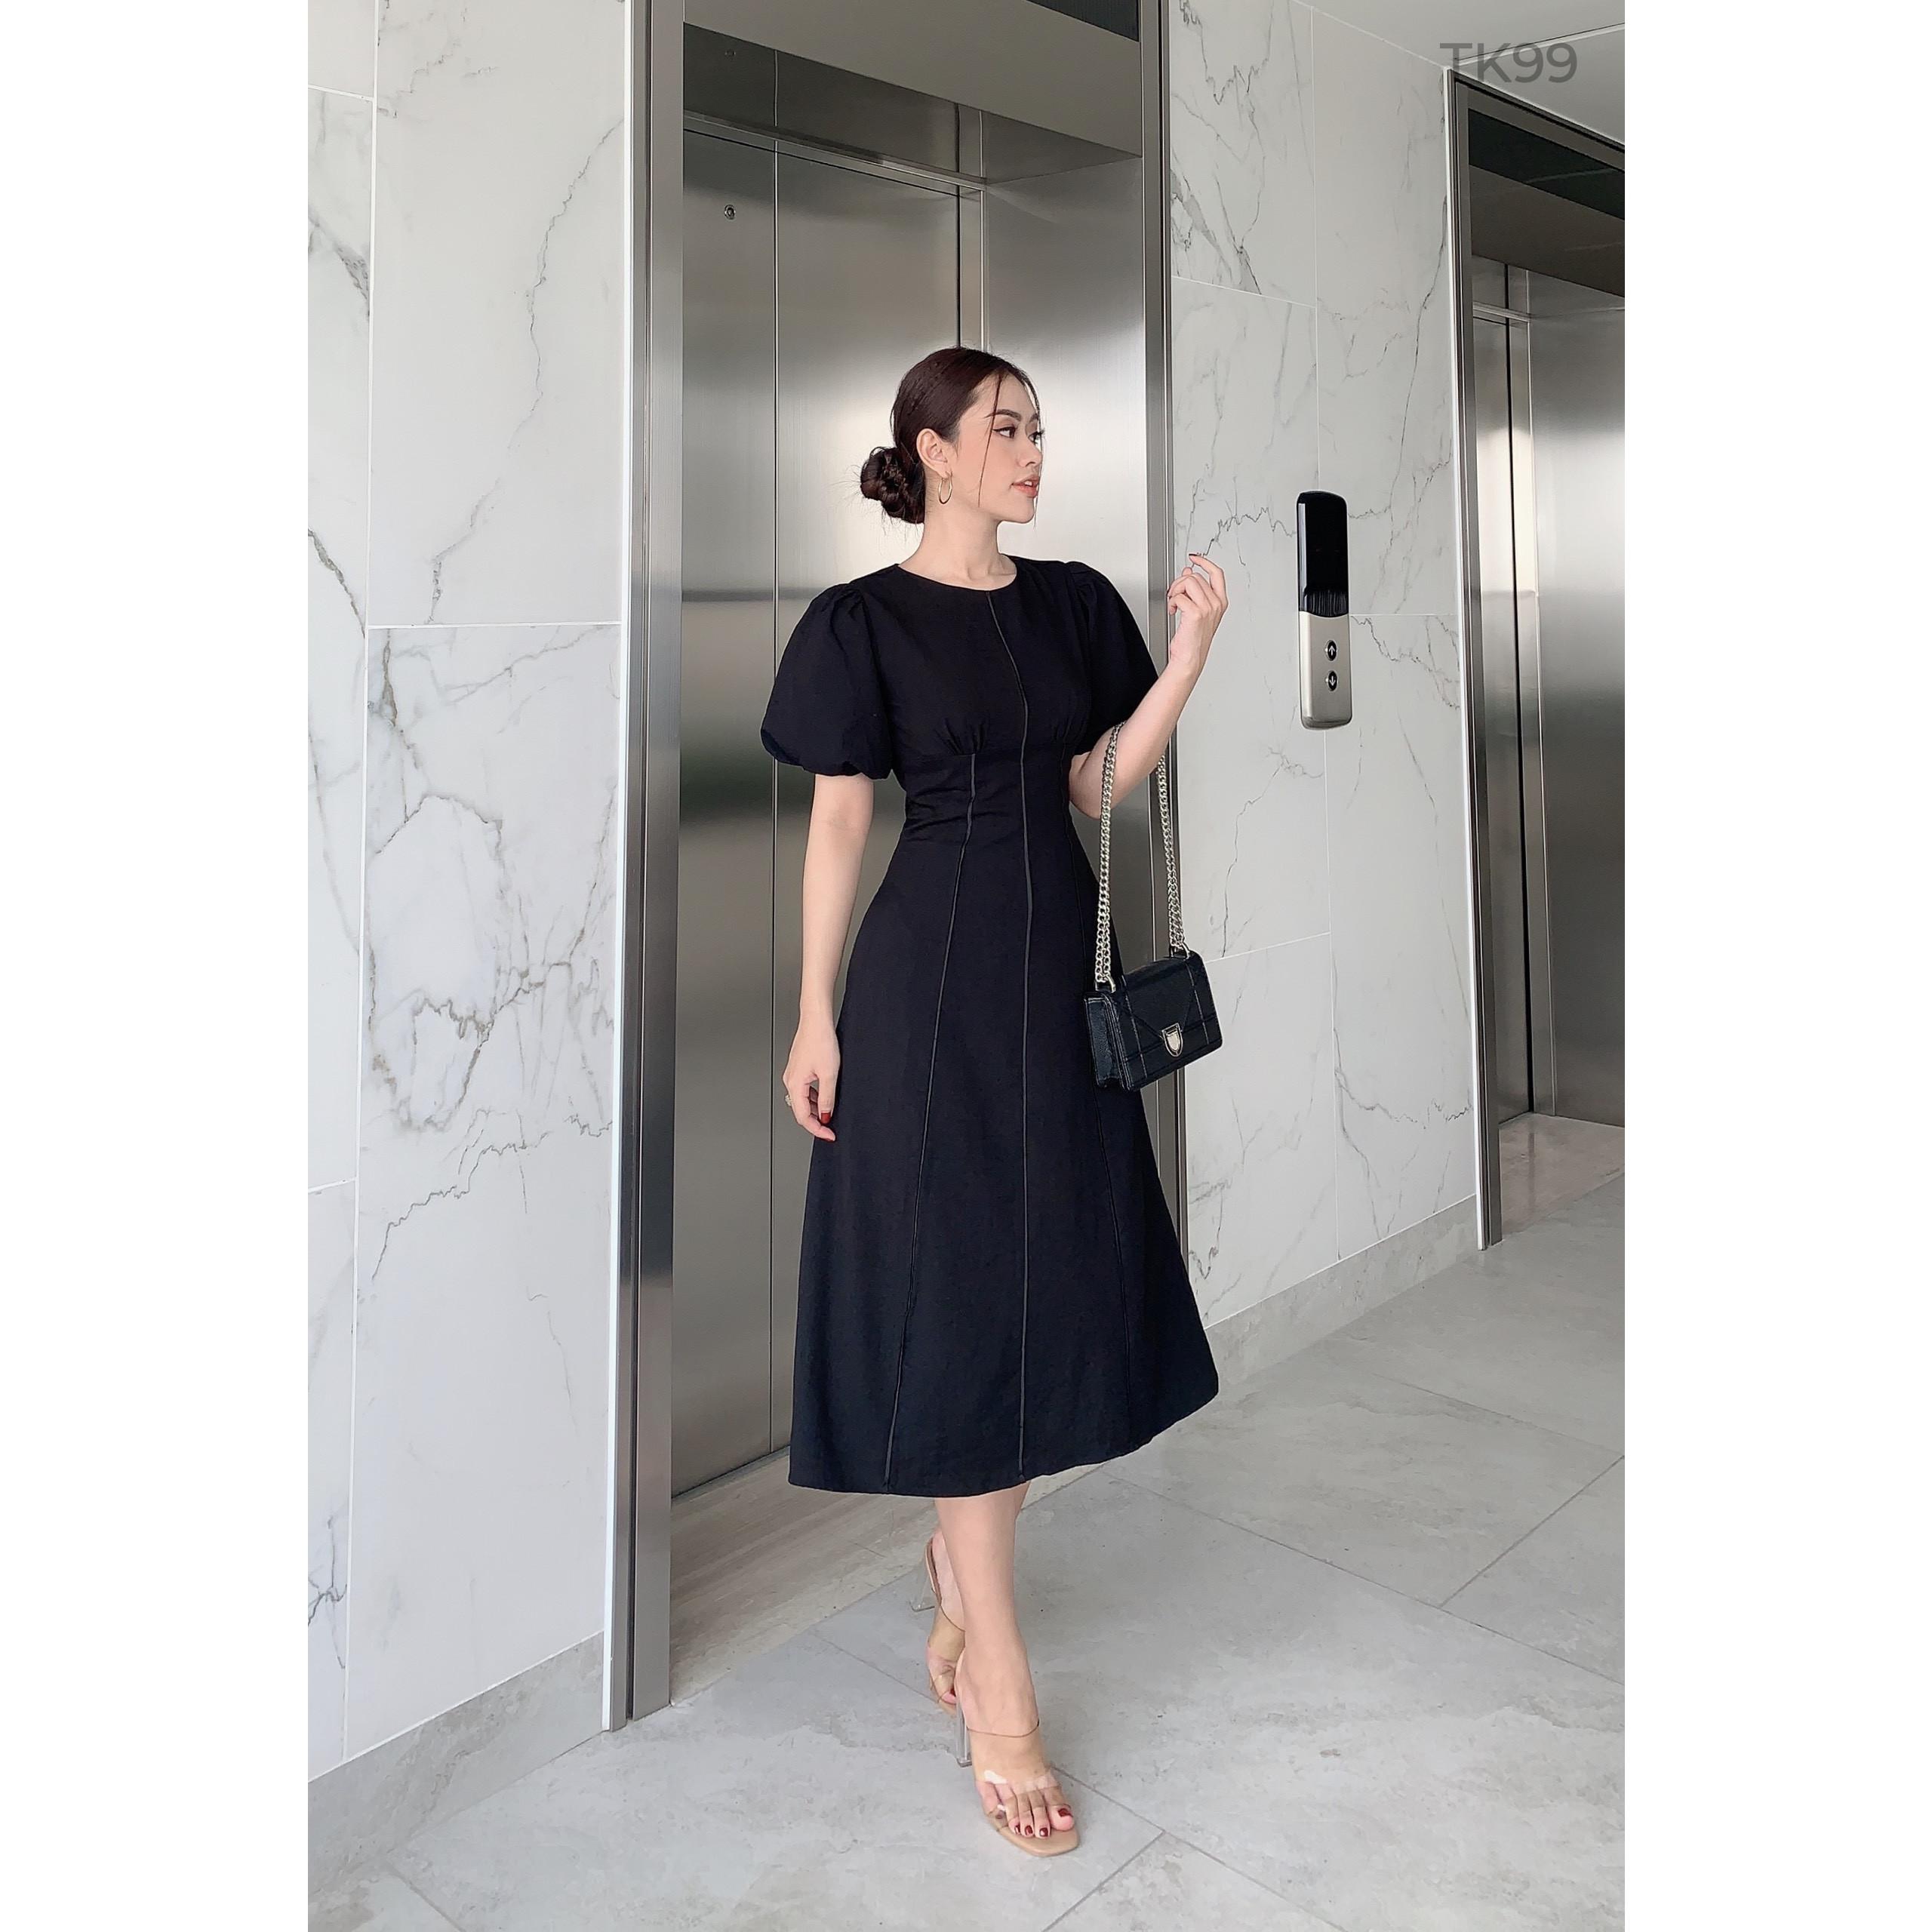 Váy maxi thiết kế - Đầm maxi tay phồng vintage Brenna dress - Đầm dự tiệc thiết kế